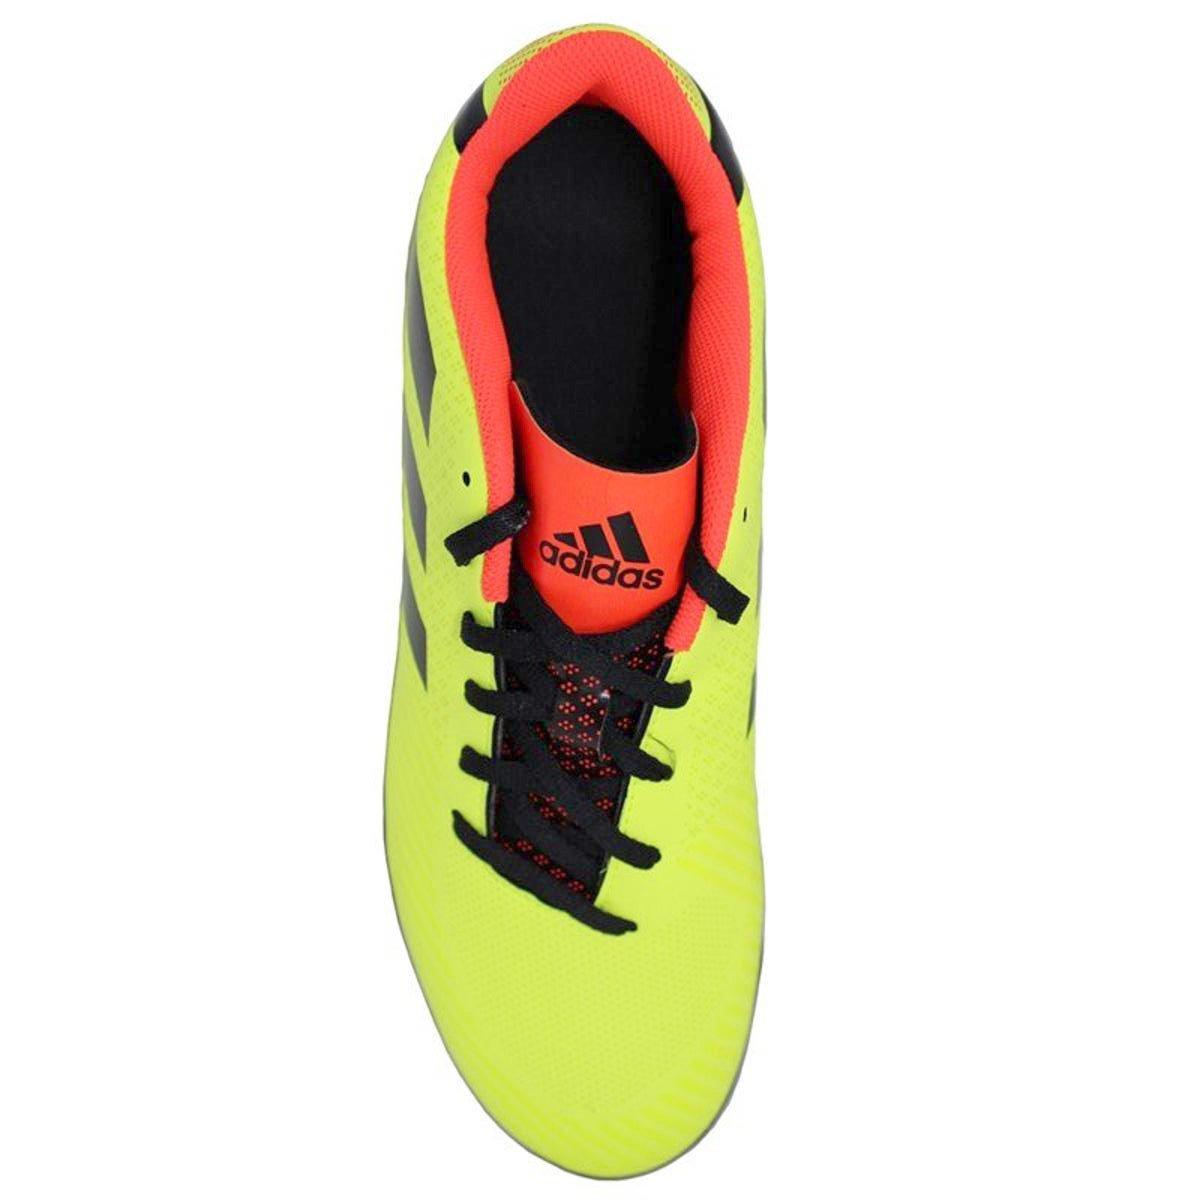 fa900e6381 Chuteira Society Adidas Artilheira III TF - Amarelo e Preto - Compre ...